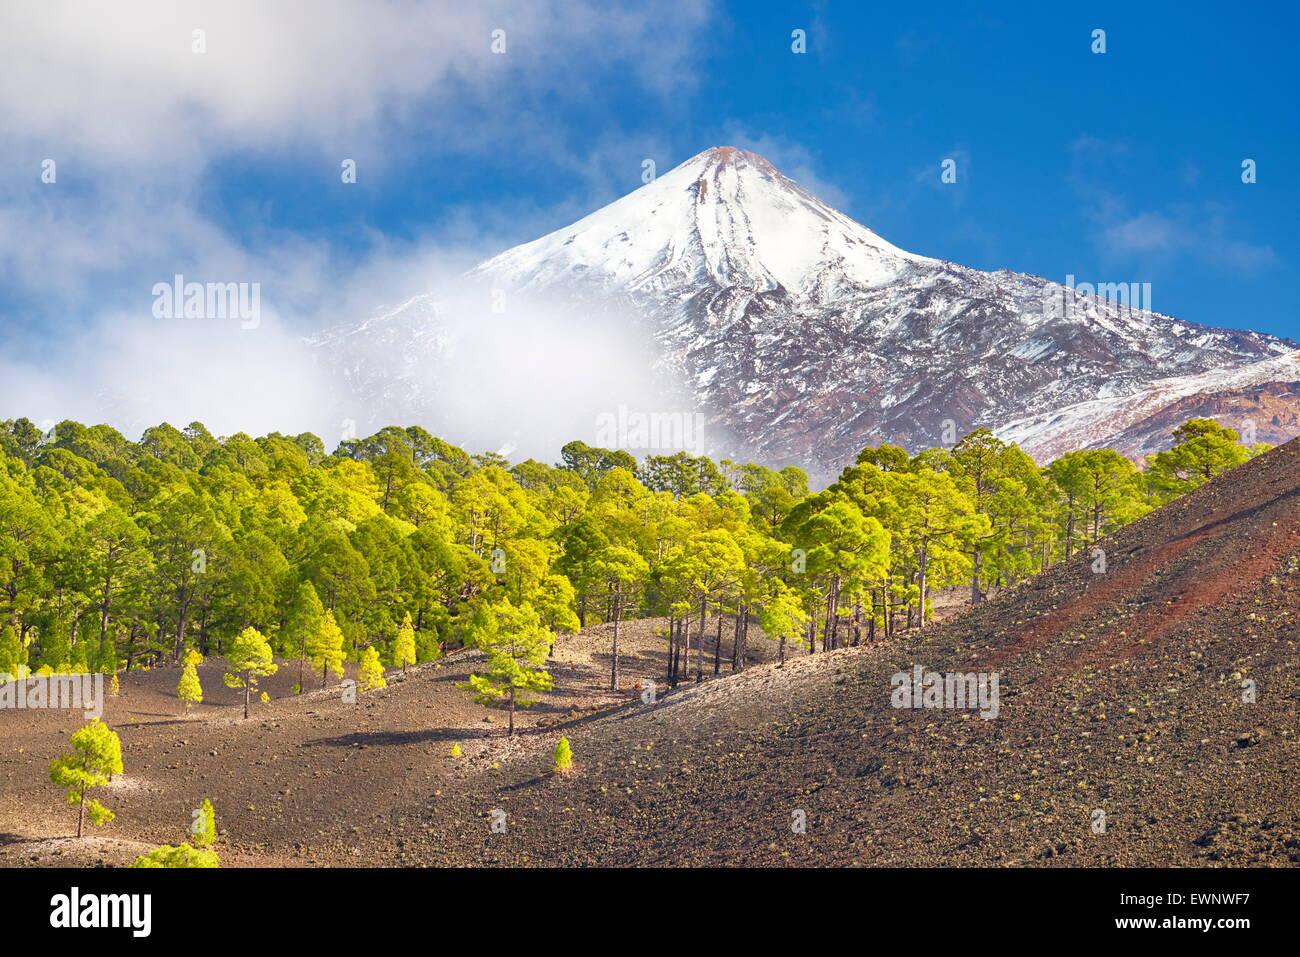 Nationalpark Teide, Teneriffa, Kanarische Inseln, Spanien Stockbild